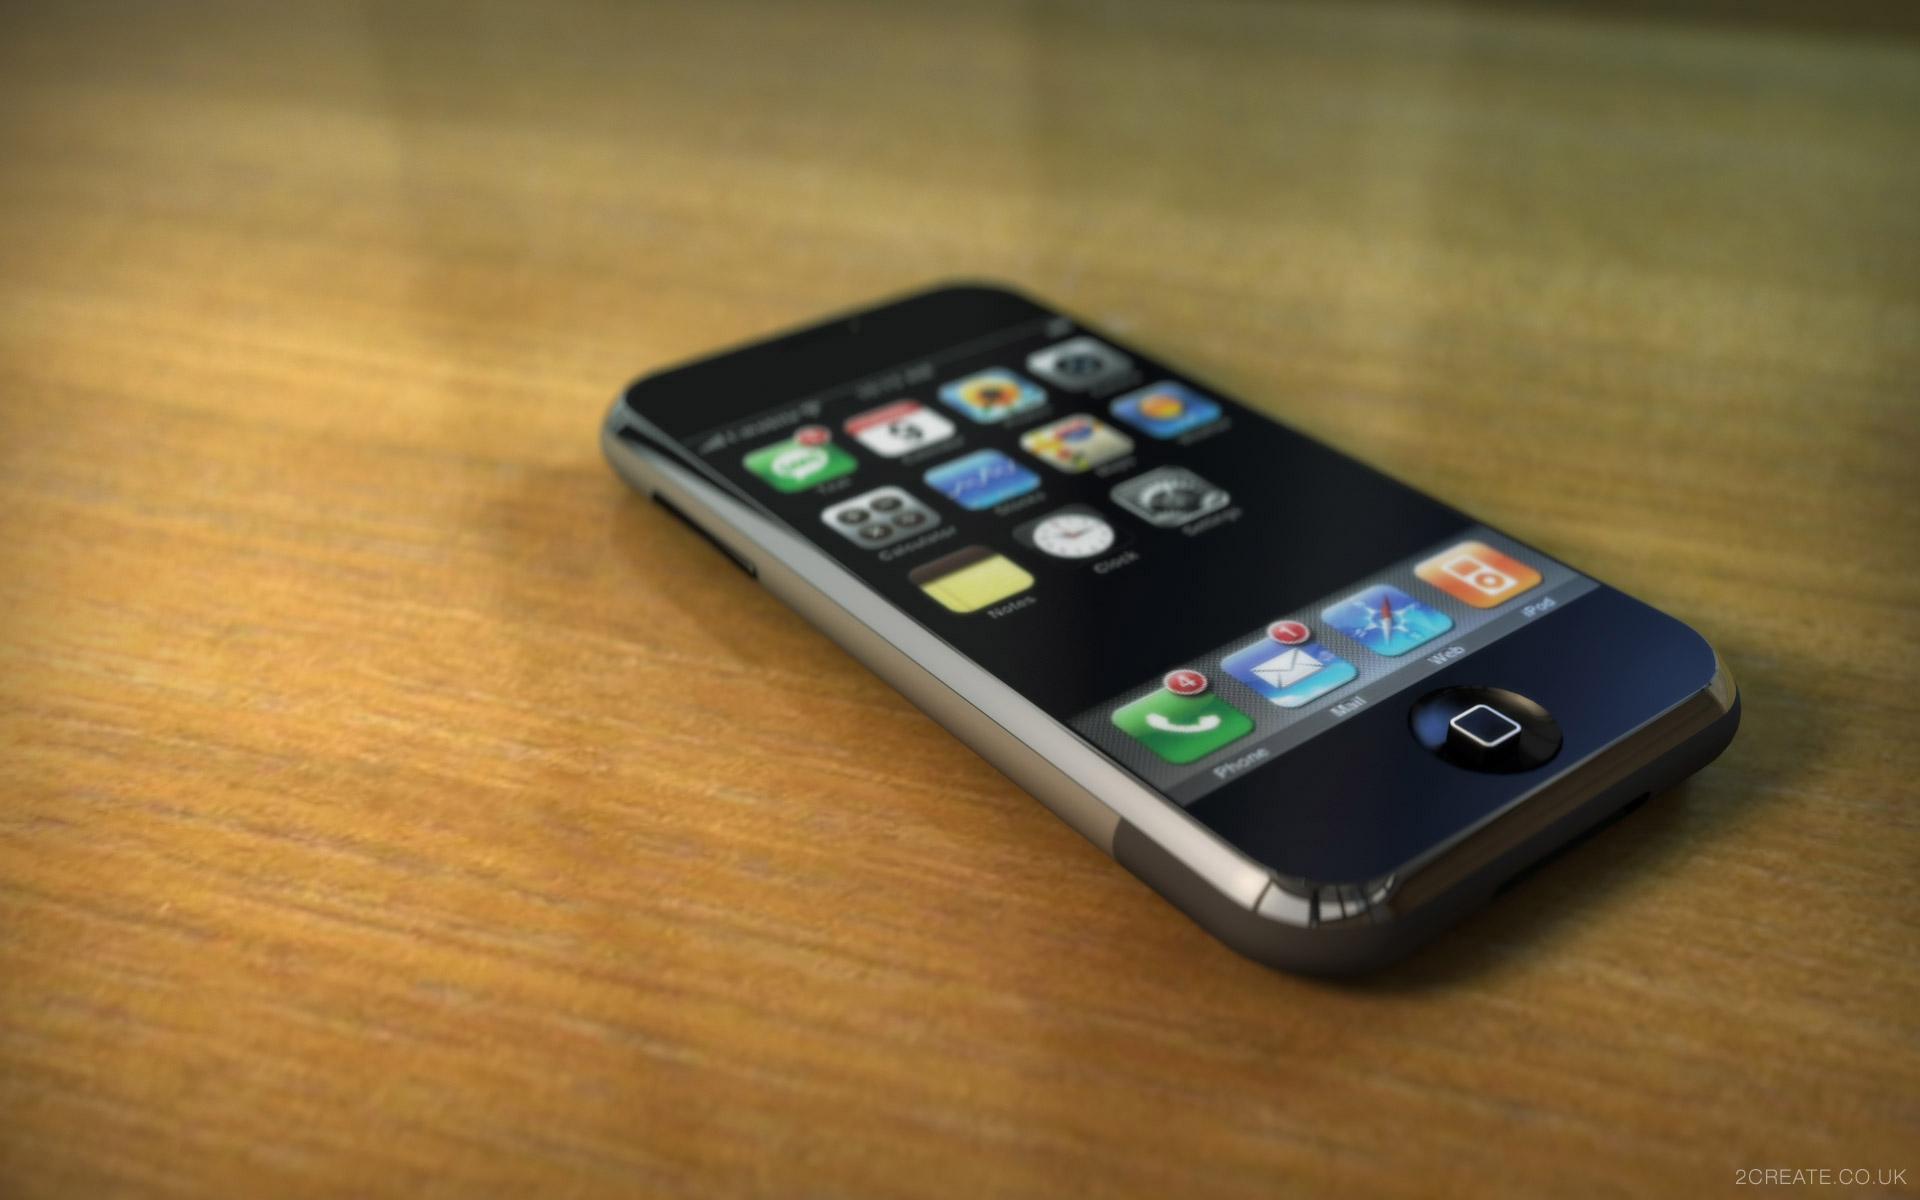 Et billed af hvordan en iphone fra apple ser ud